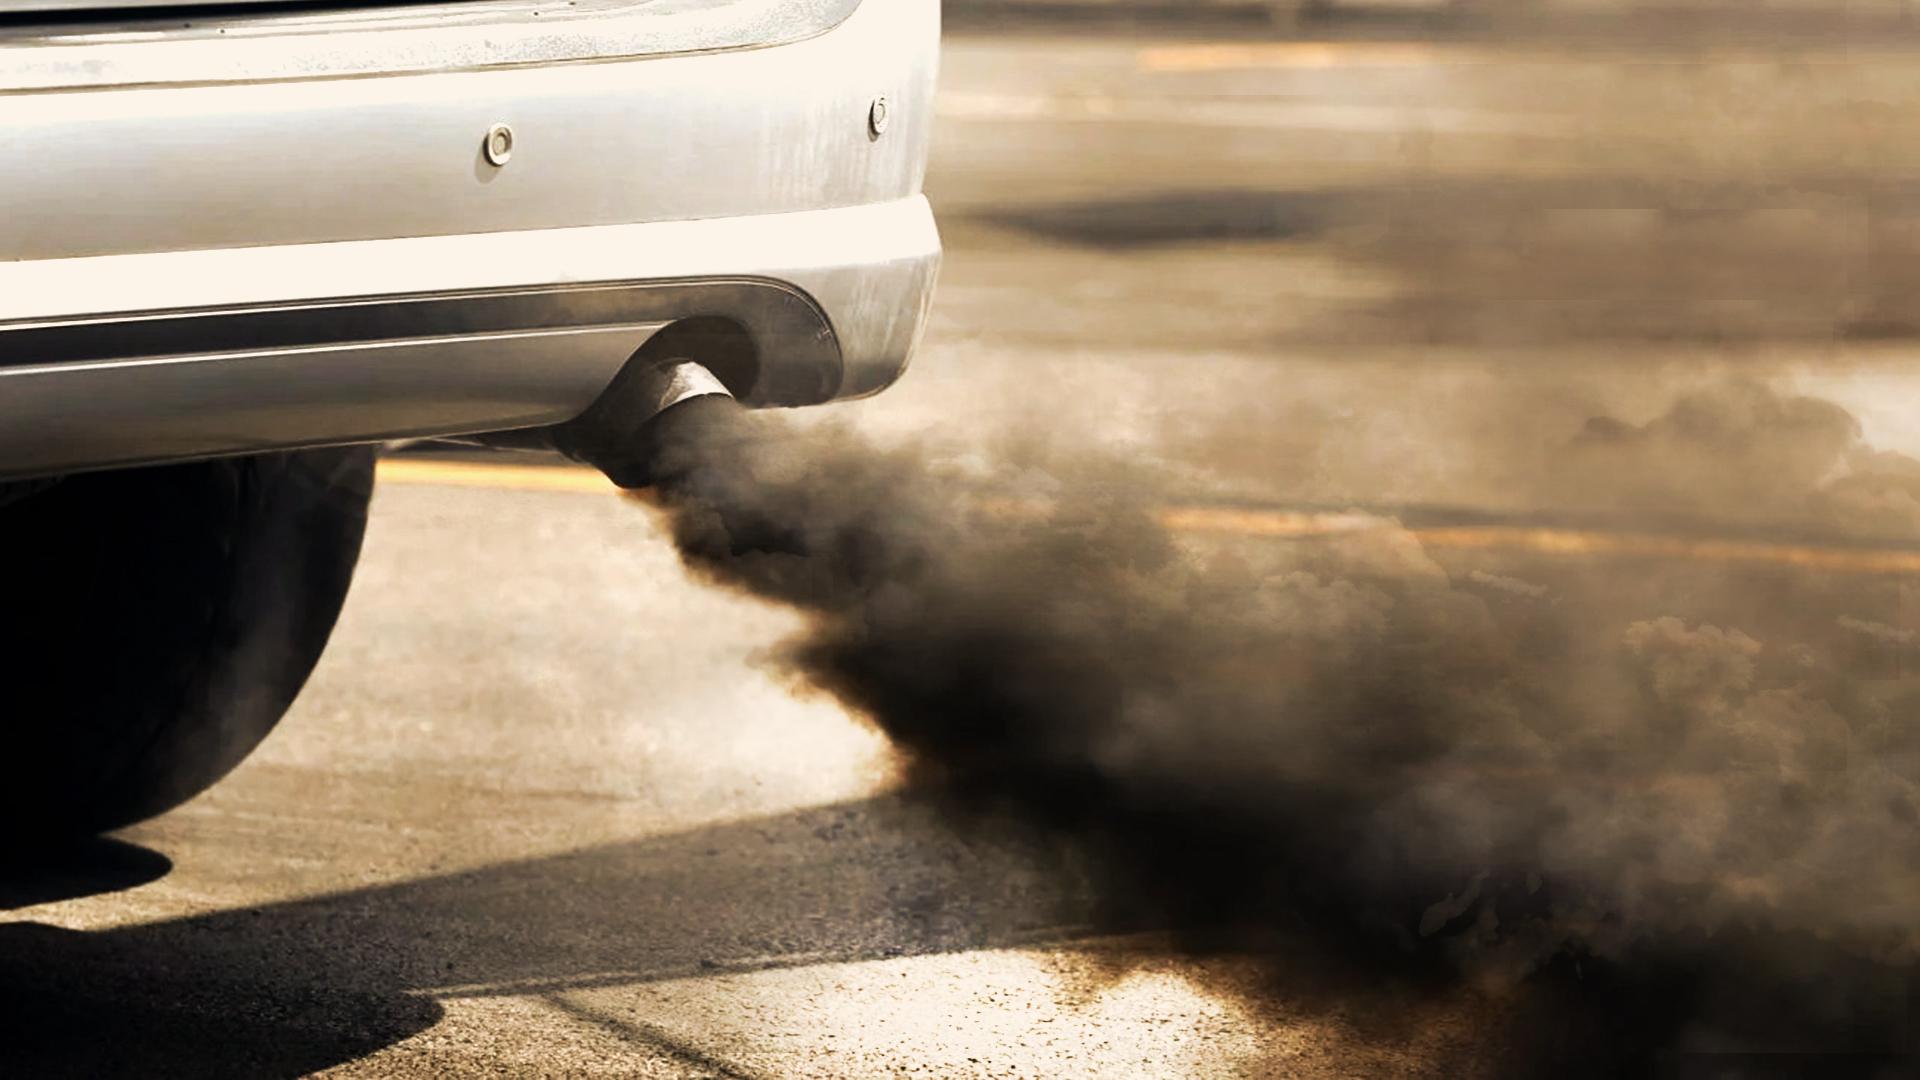 Em comparação com países de primeiro mundo, Brasil ainda demorou a reduzir as partículas por milhão (ppm) de enxofre presente no diesel